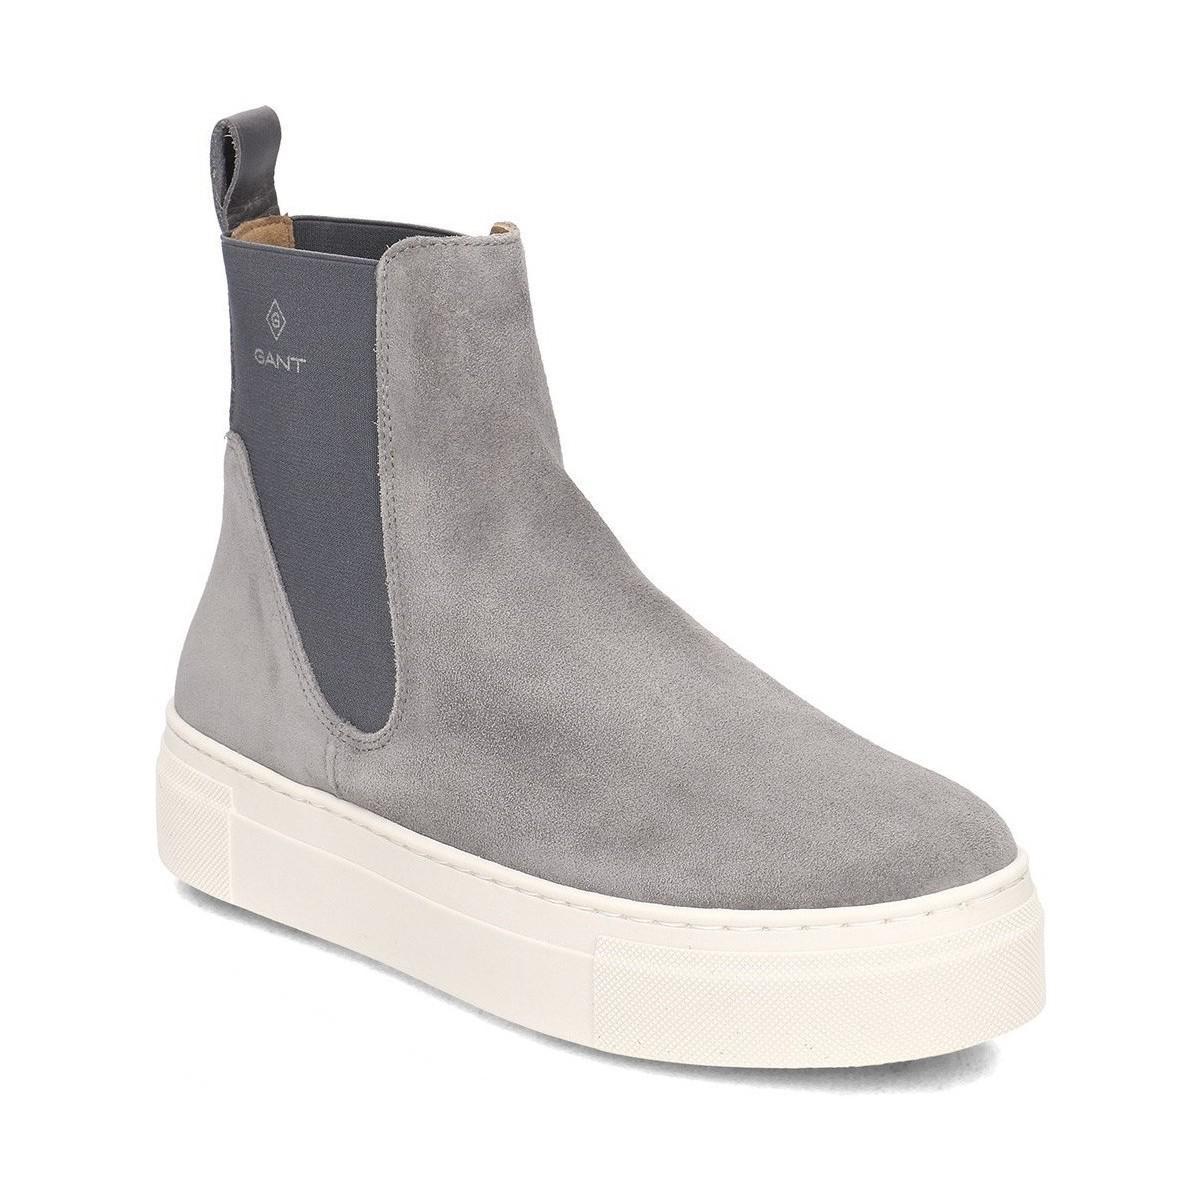 GANT Footwear Damen Lydia Chelsea Boots, Braun (Sienna Brown